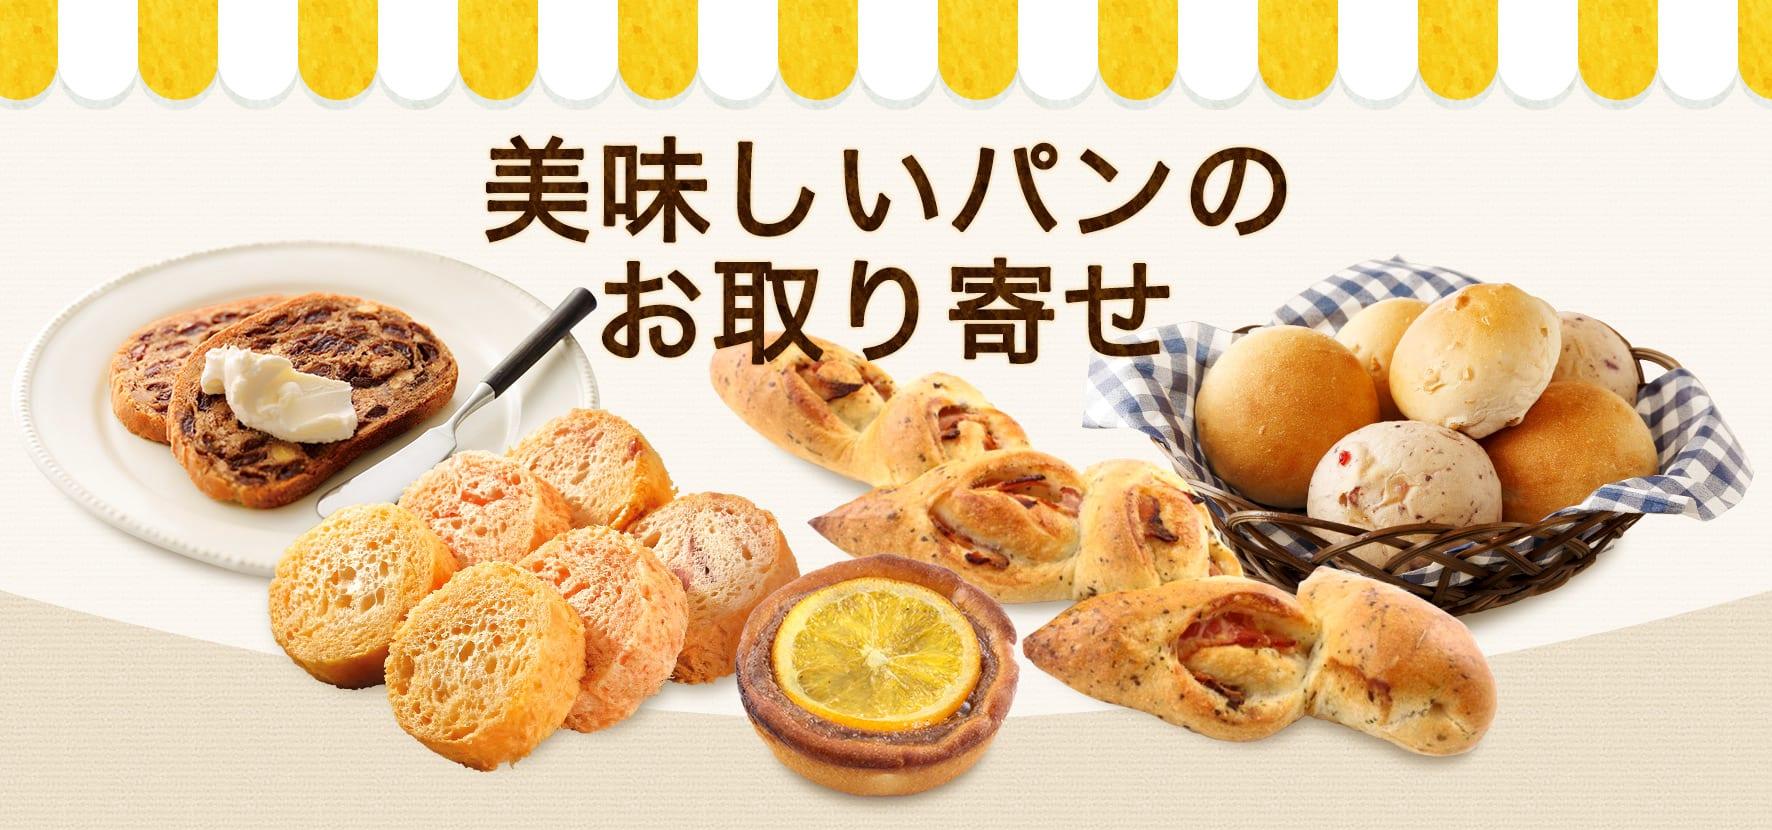 美味しいパンのお取り寄せ